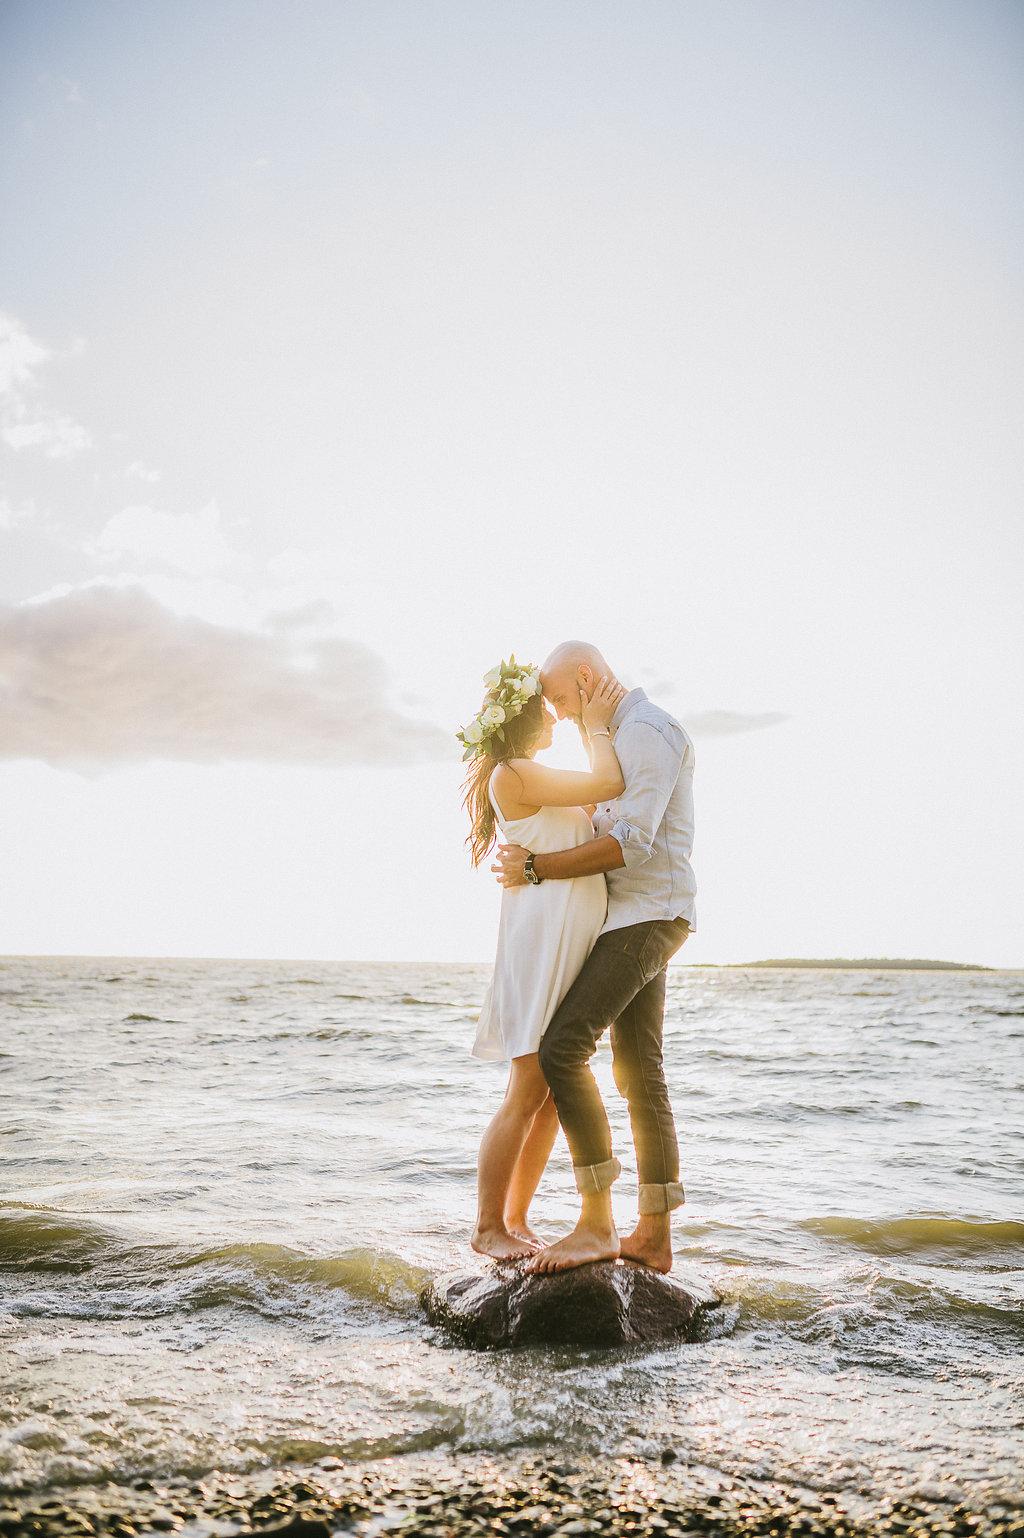 Beach Engagement Photos - Winnipeg Weddings